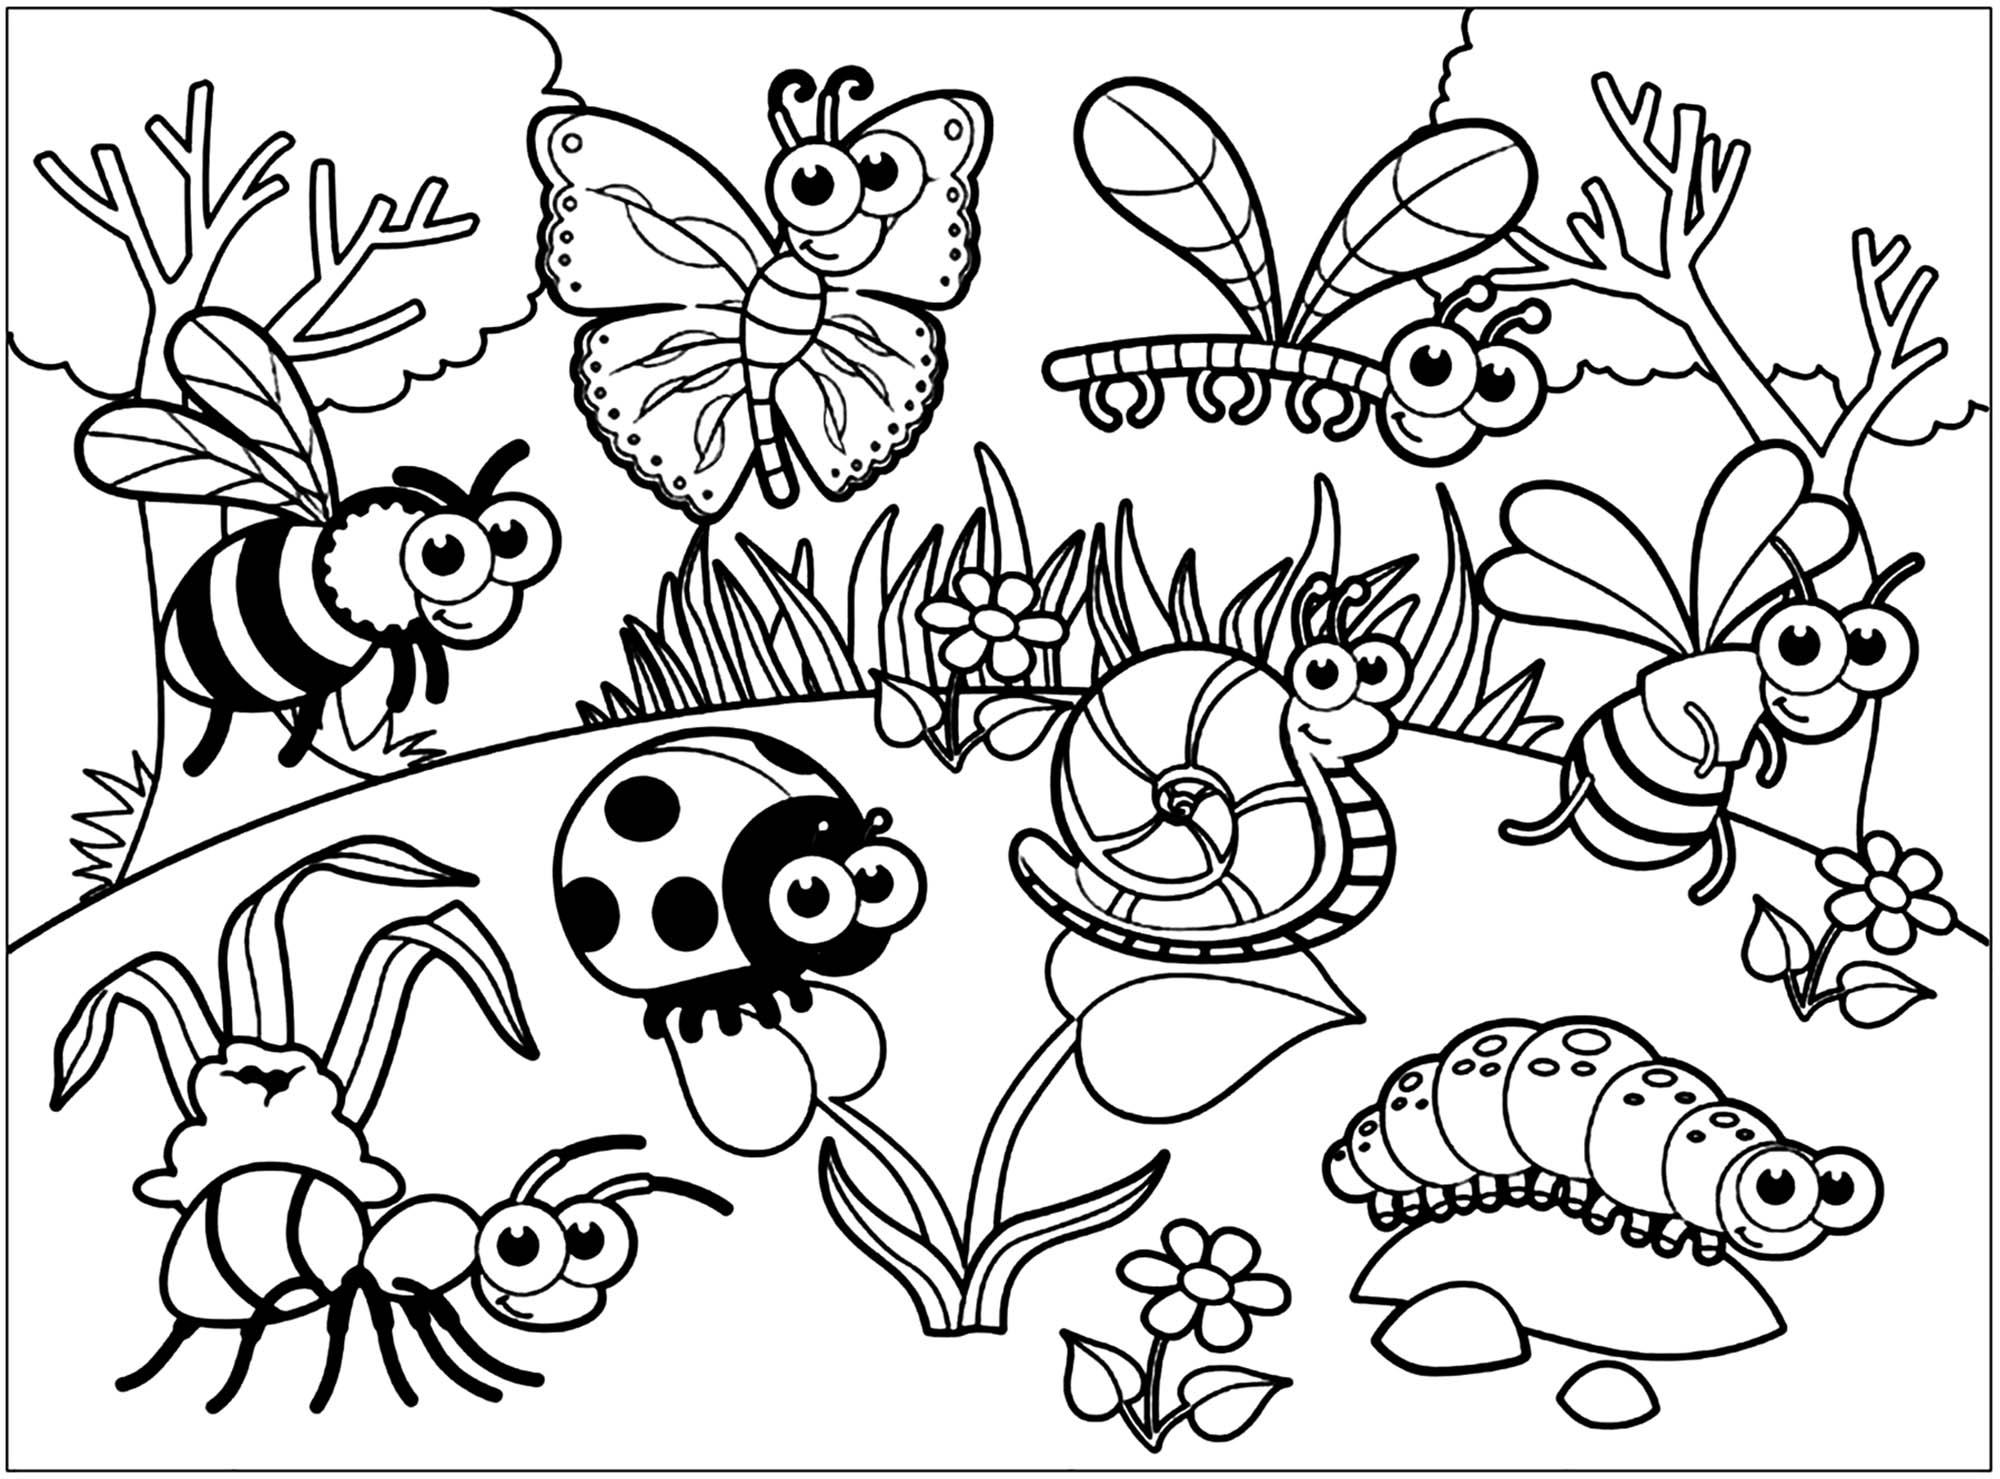 Insectes variés dessinés avec un style très cartoon / enfantin